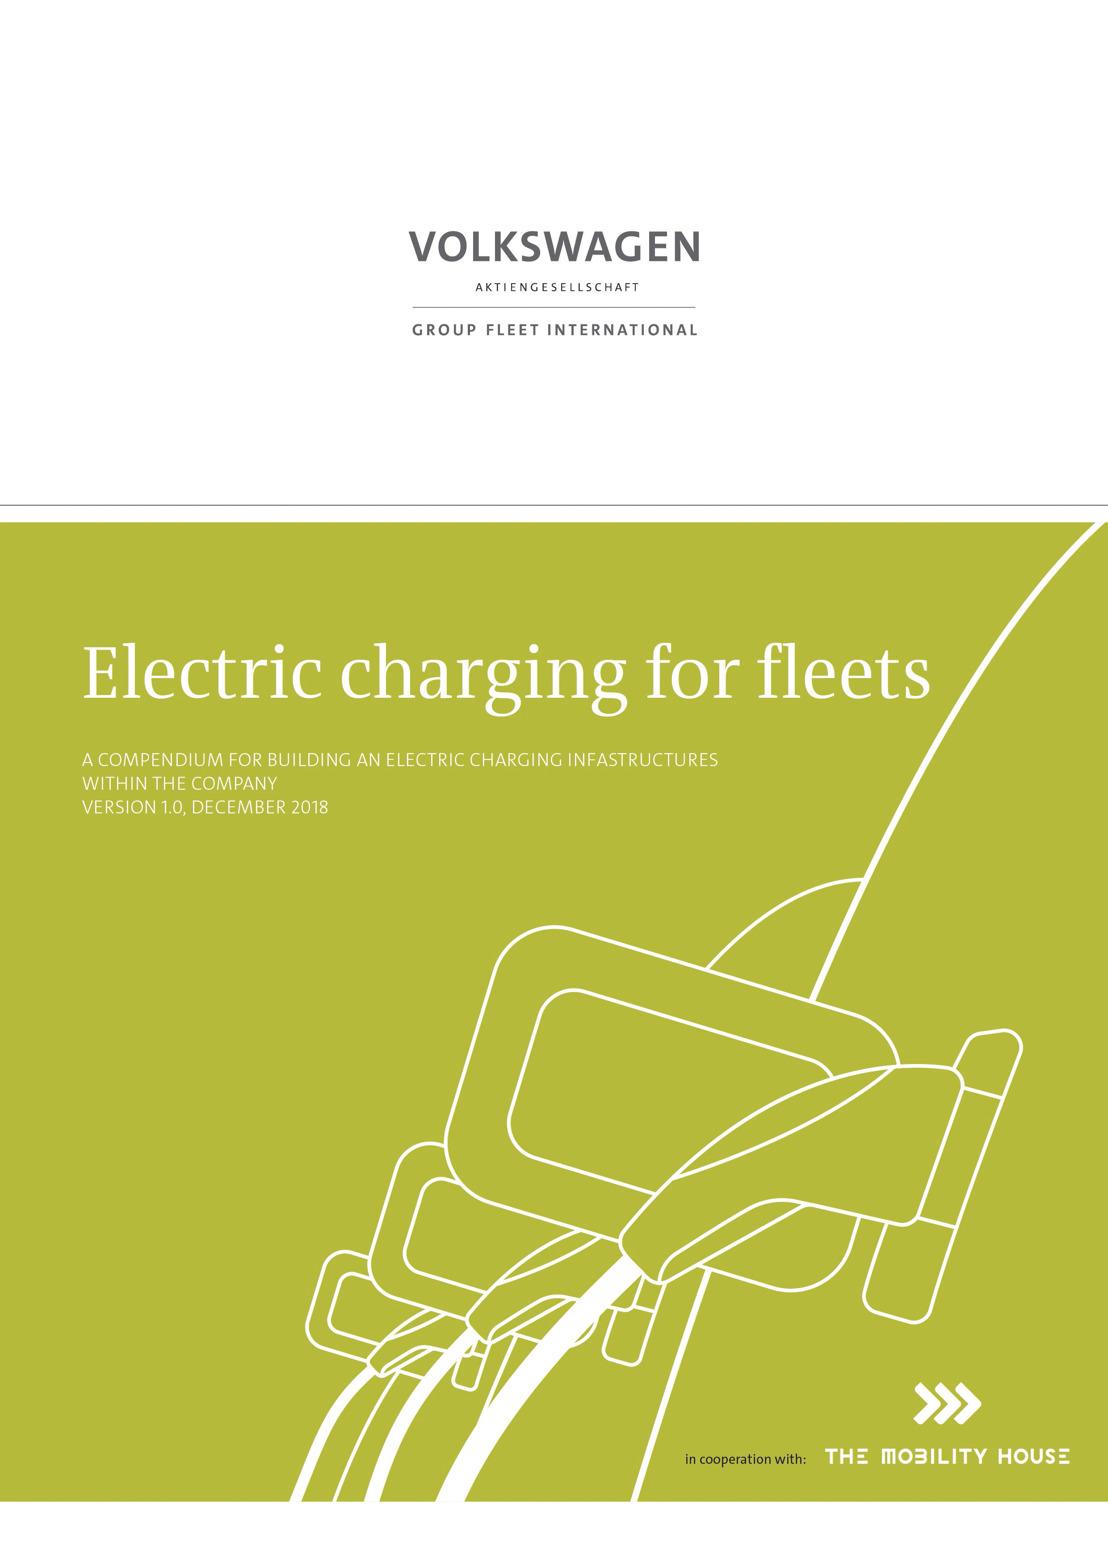 Construir las infraestructuras de carga para los EV dentro de las compañías